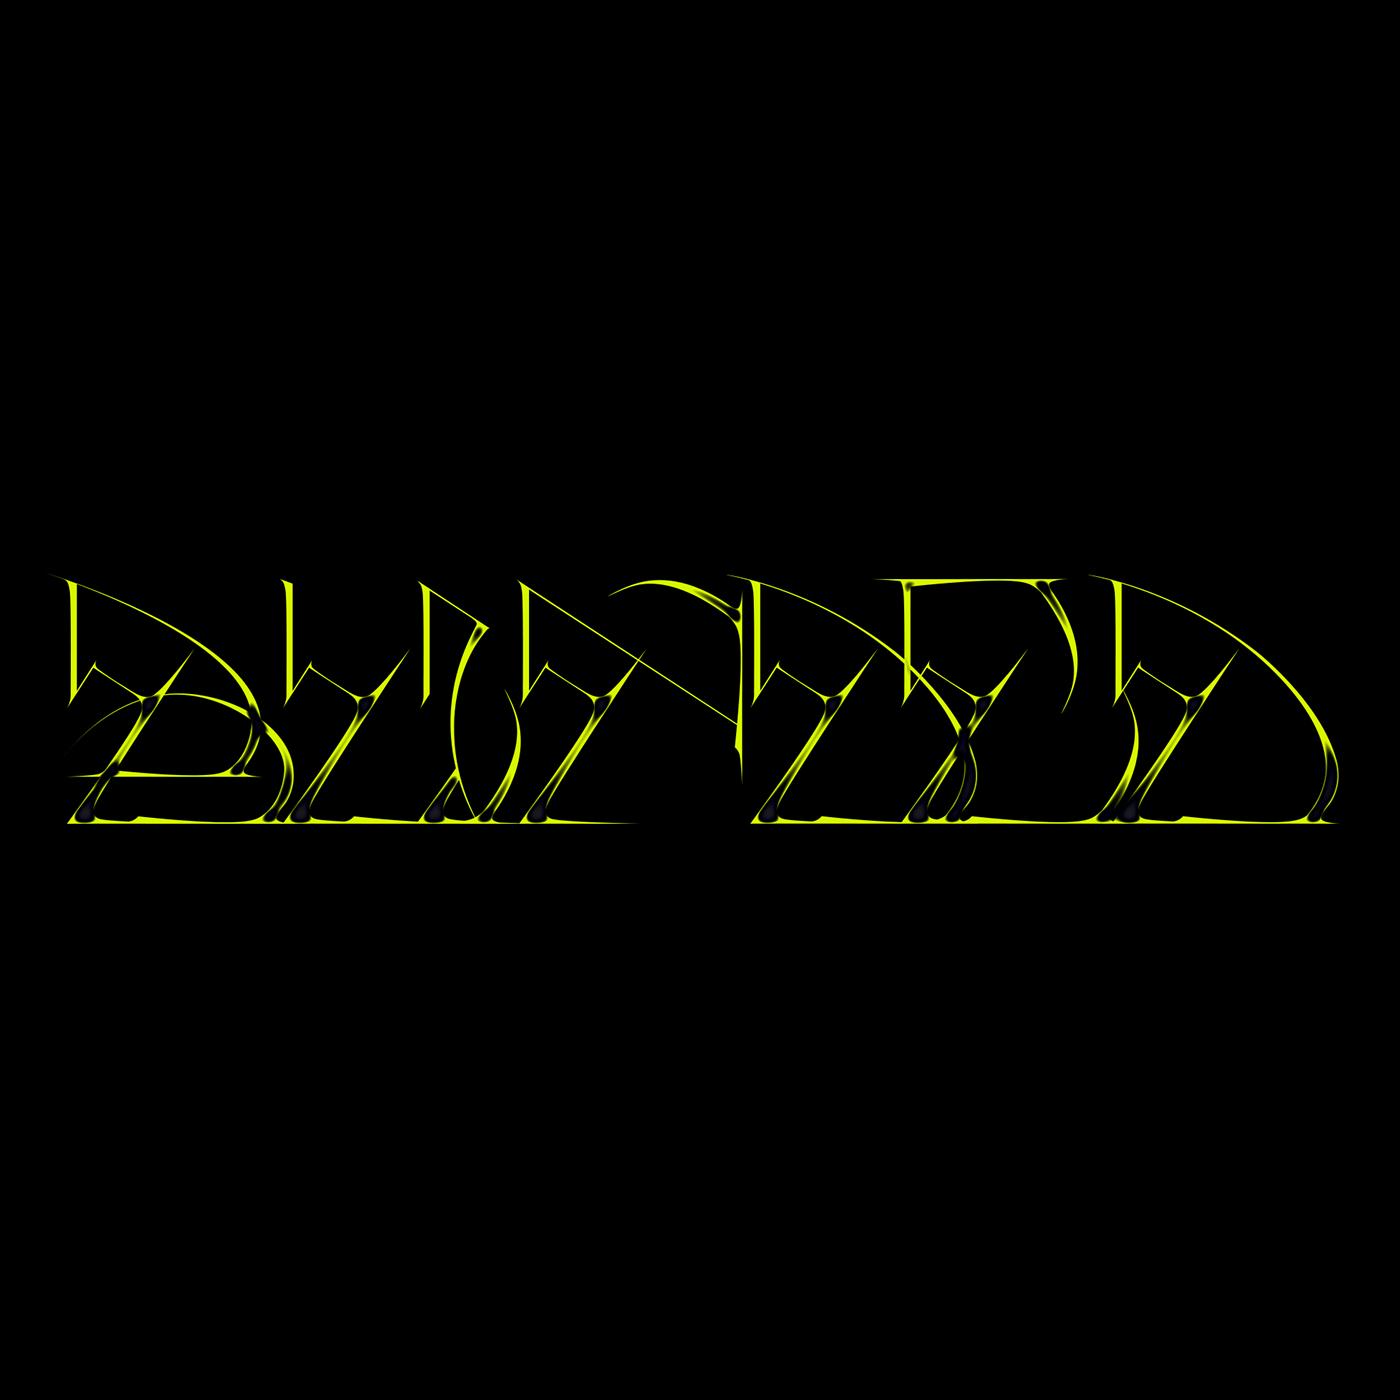 Typeface brand blinded 3D post-internet dark design custom type